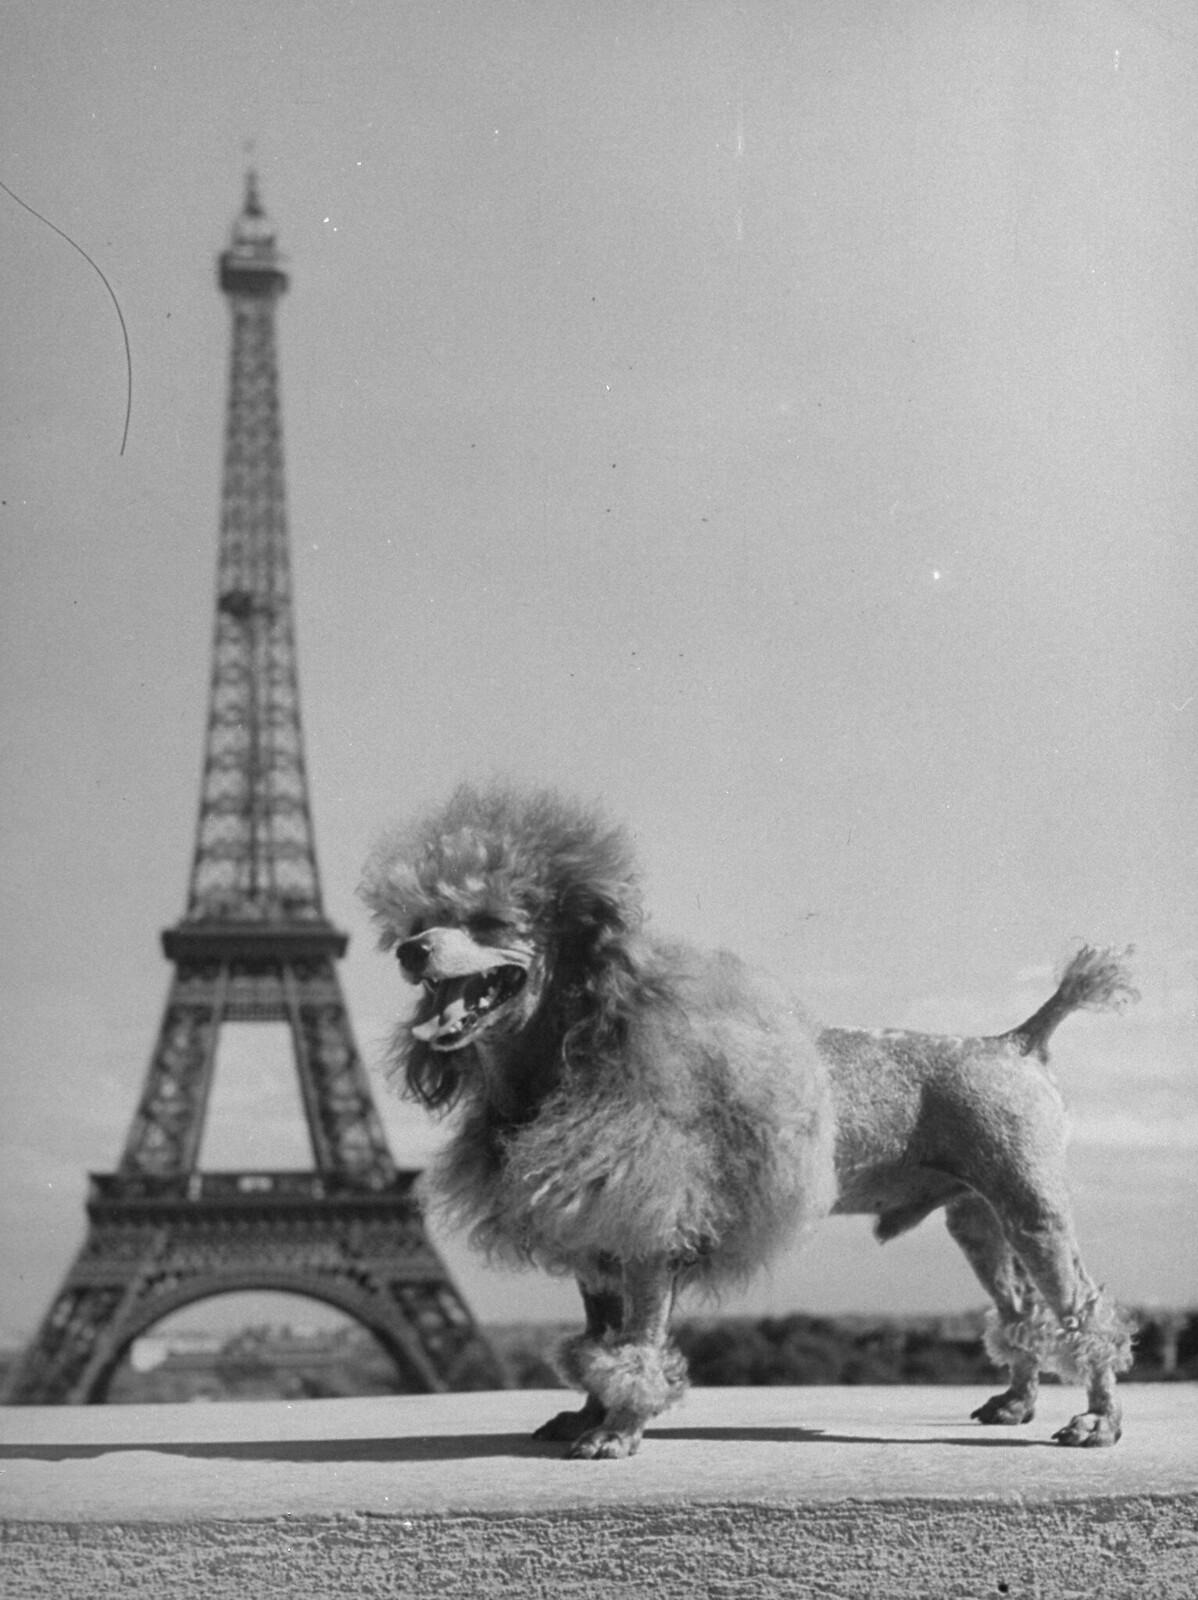 10. 1949. Той-пудель позирует перед Эйфелевой башней